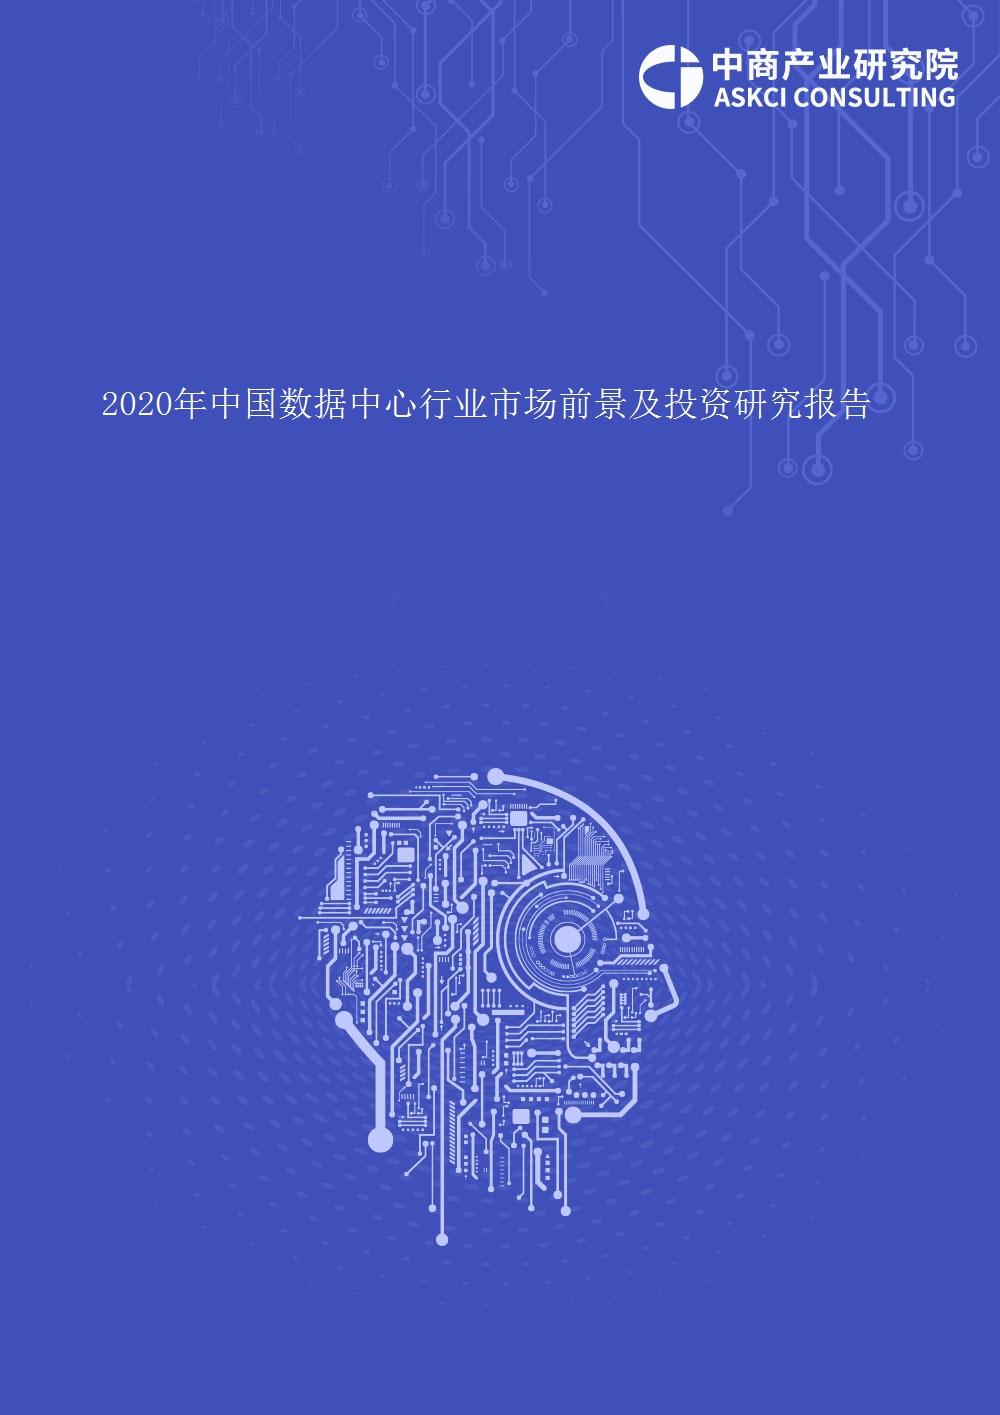 新基建——2020年中国数据中心行业市场前景及投资研究报告